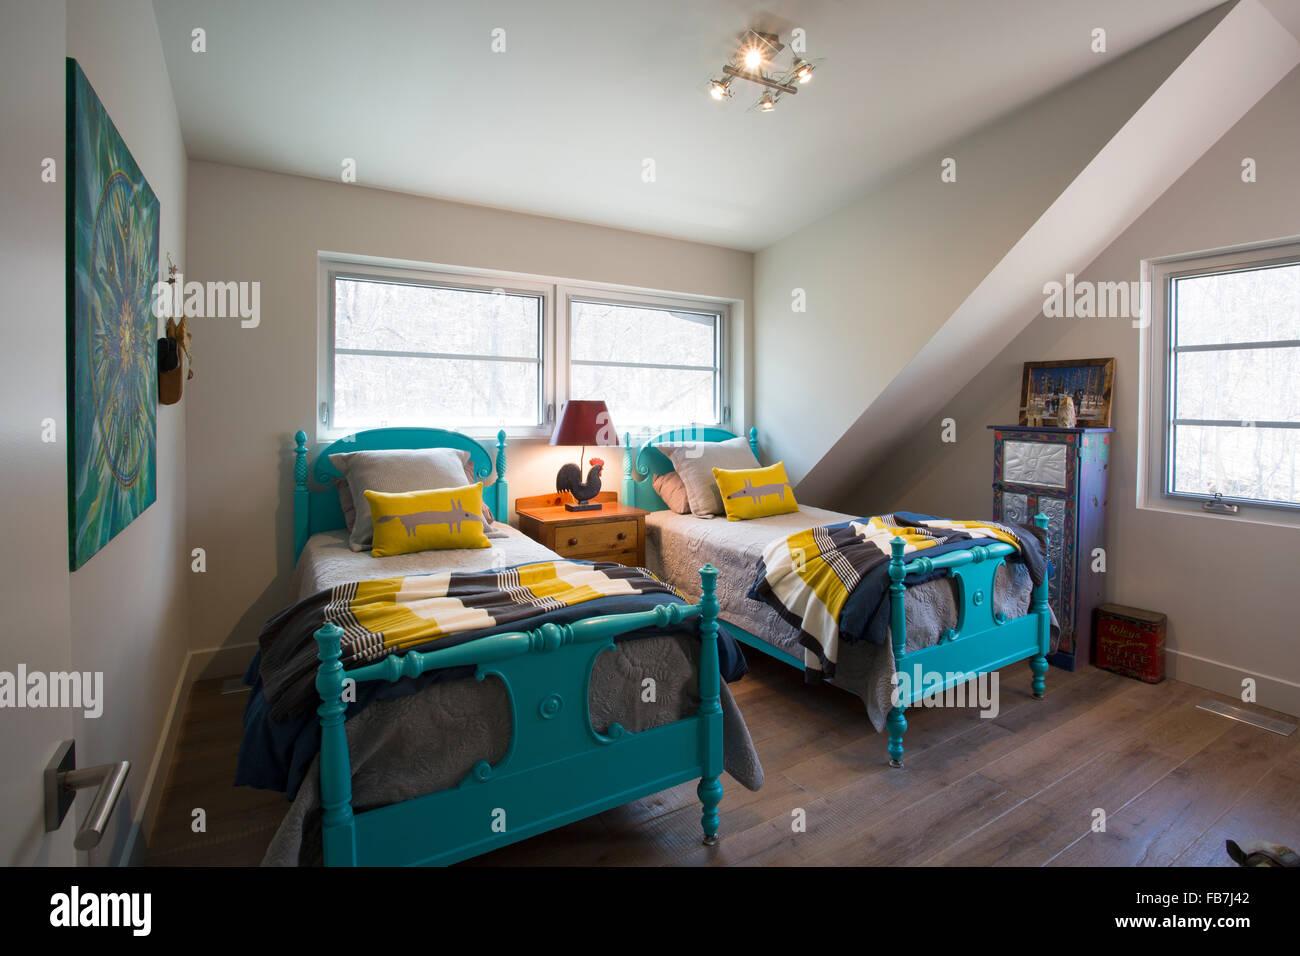 Schlafzimmer mit zwei Betten Stockbild